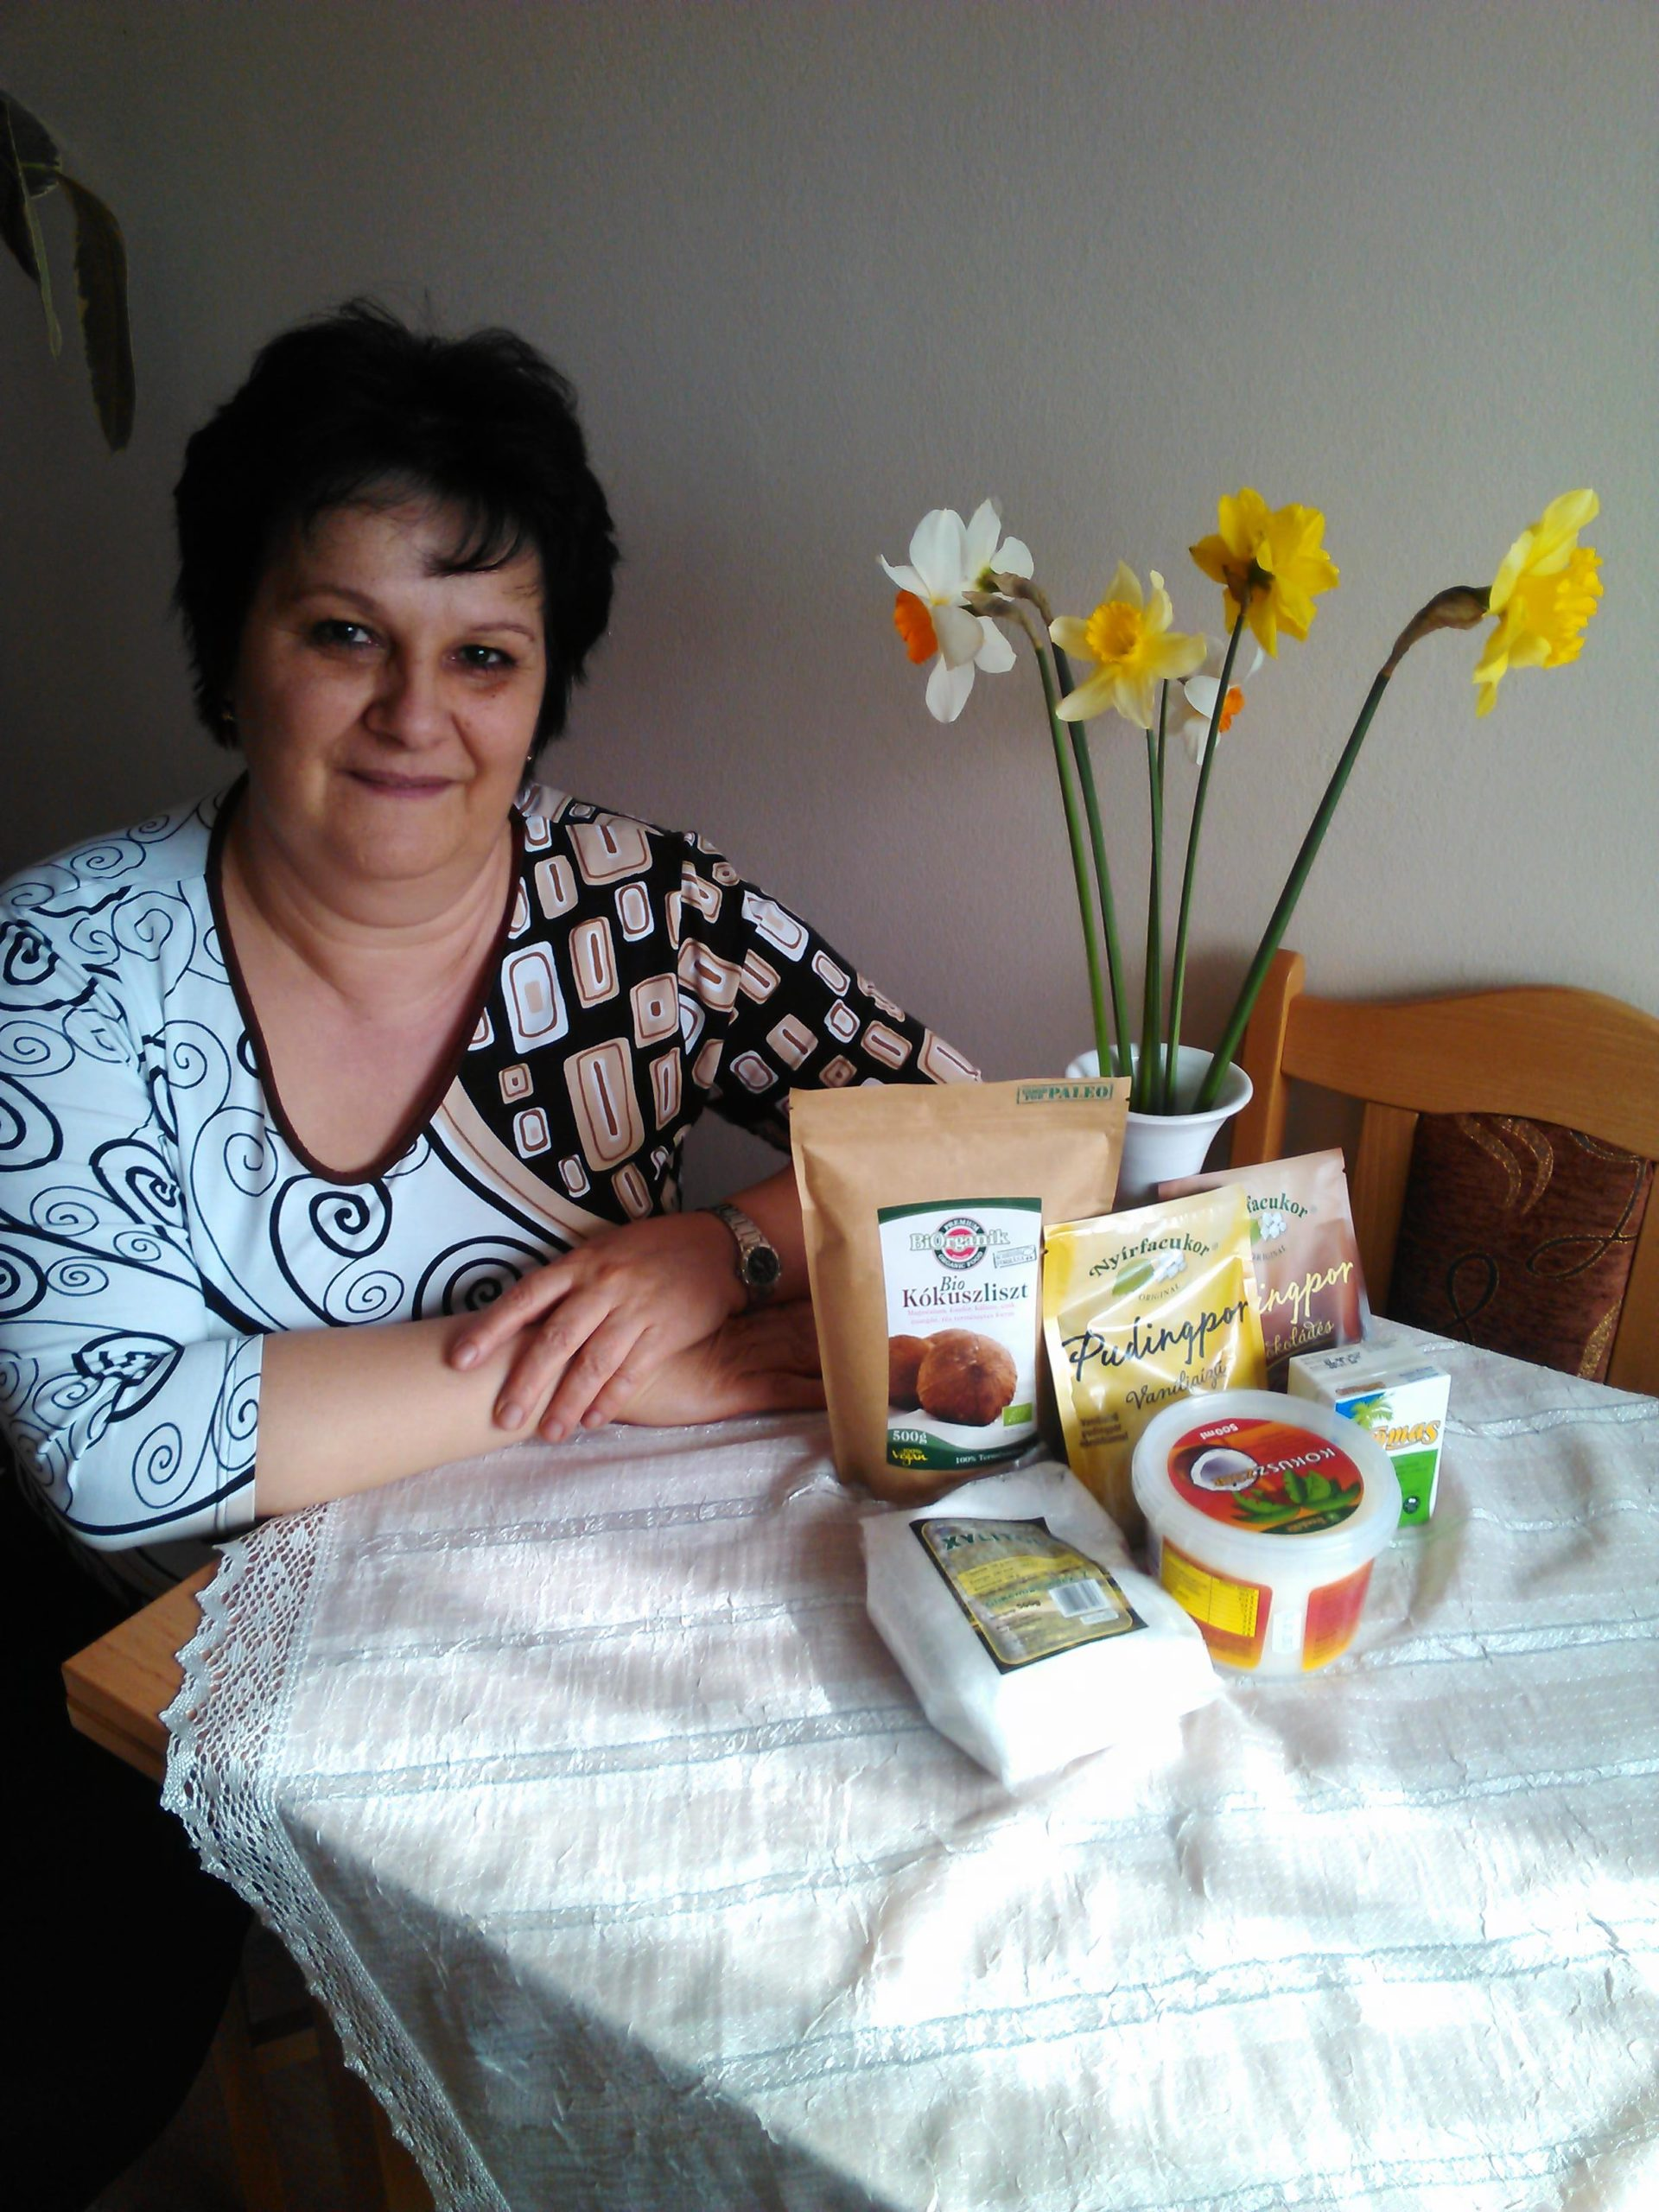 RTL Egészségkalauz című műsorának nyertese